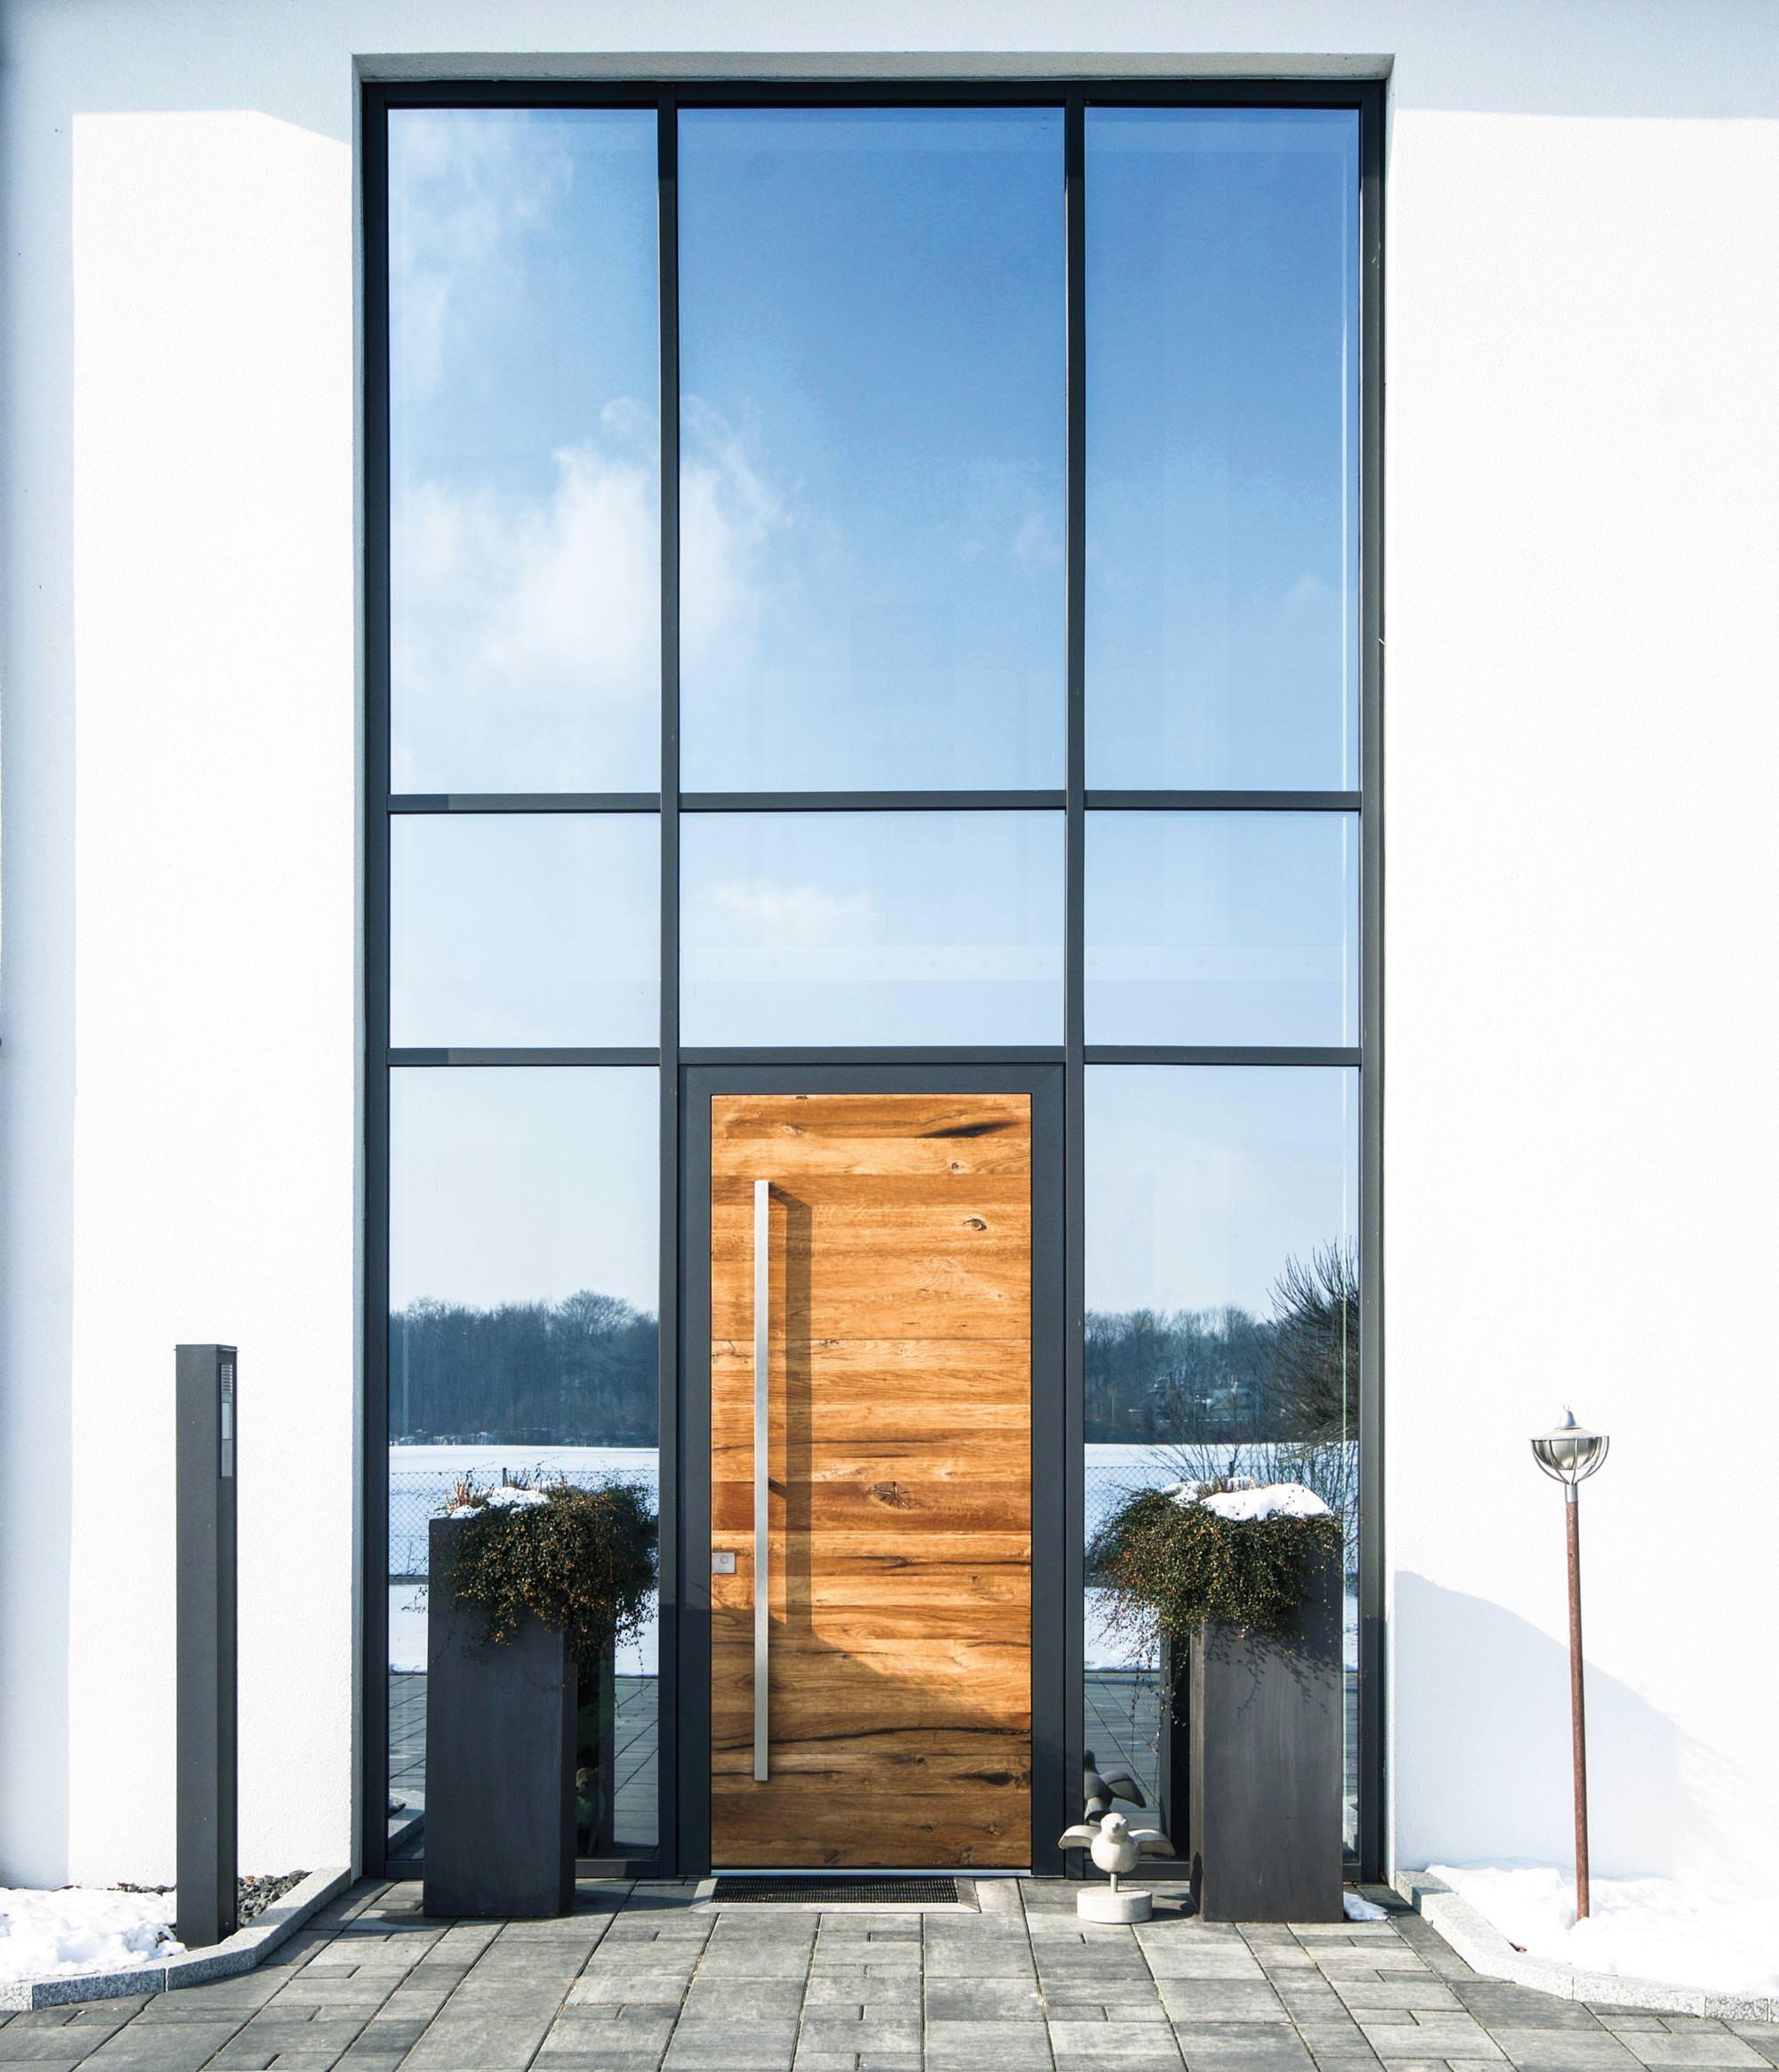 Hybrid-Haustür aus Altholz und Aluminium - eine Neuentwicklung von Gugelfuss